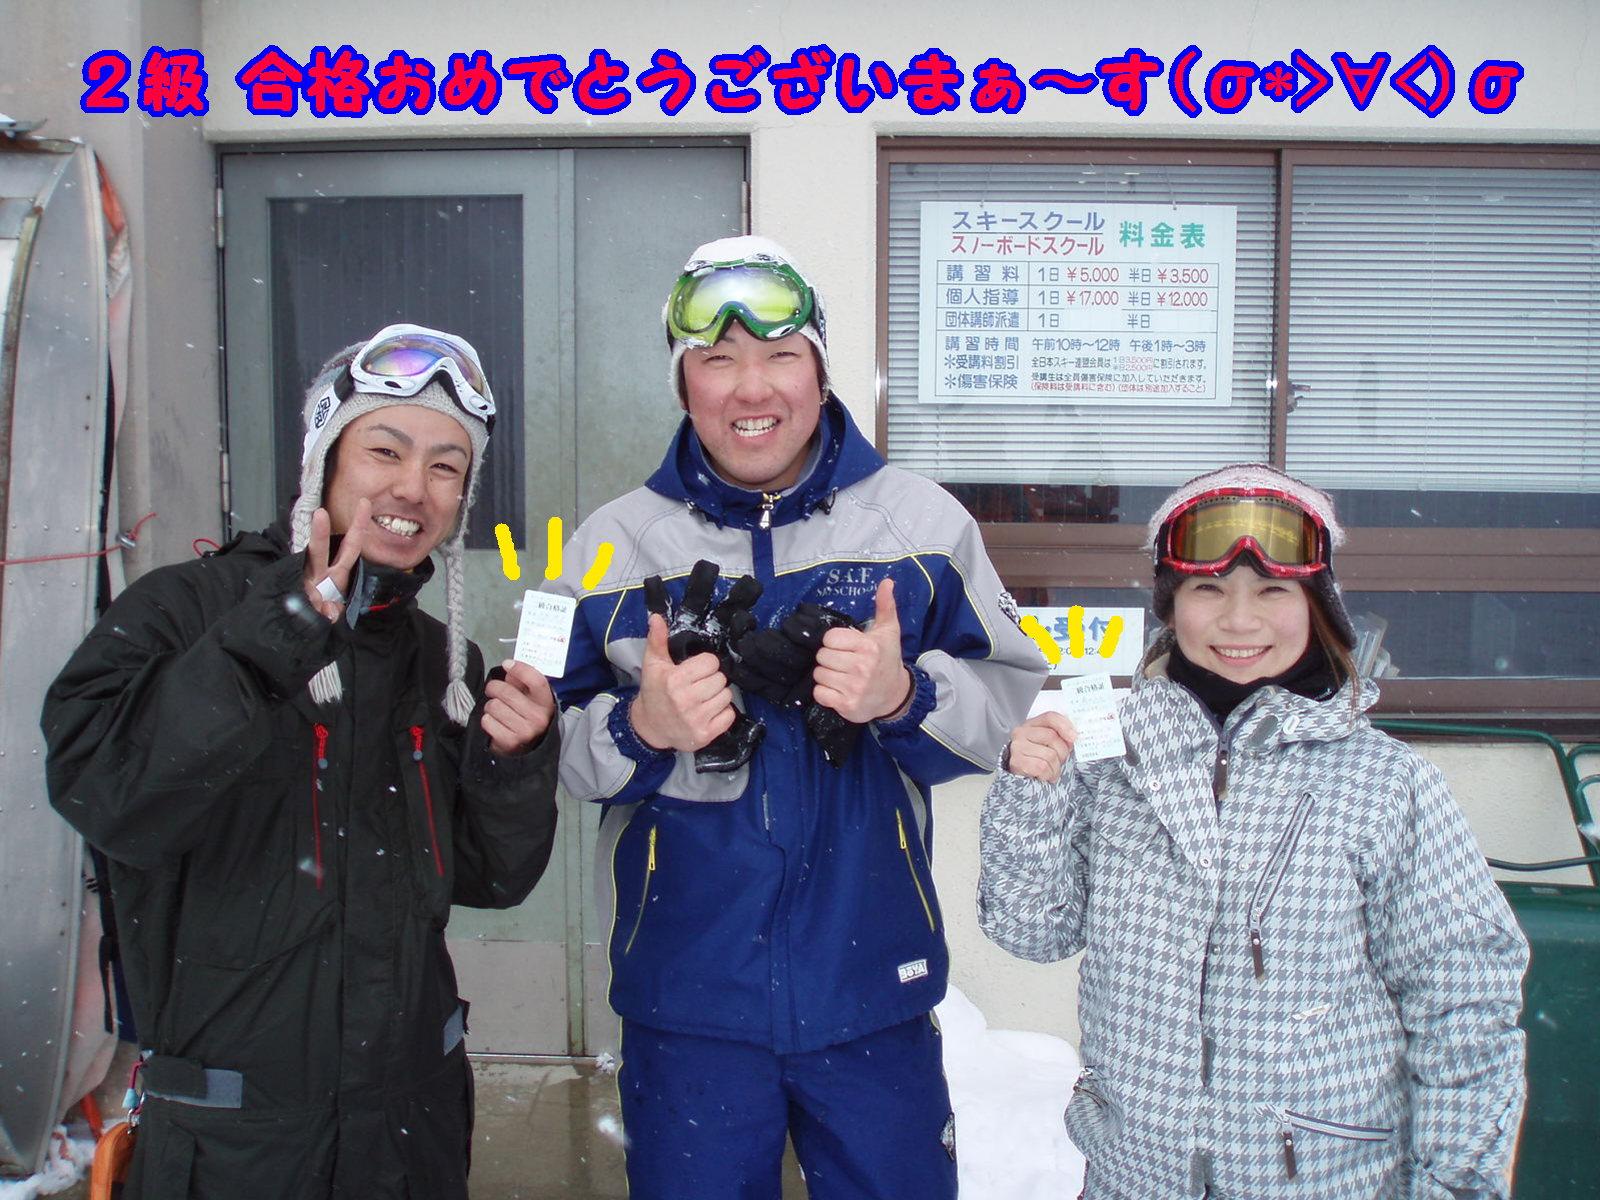 スノーボードバッヂテスト終了☆★_f0118218_19503658.jpg